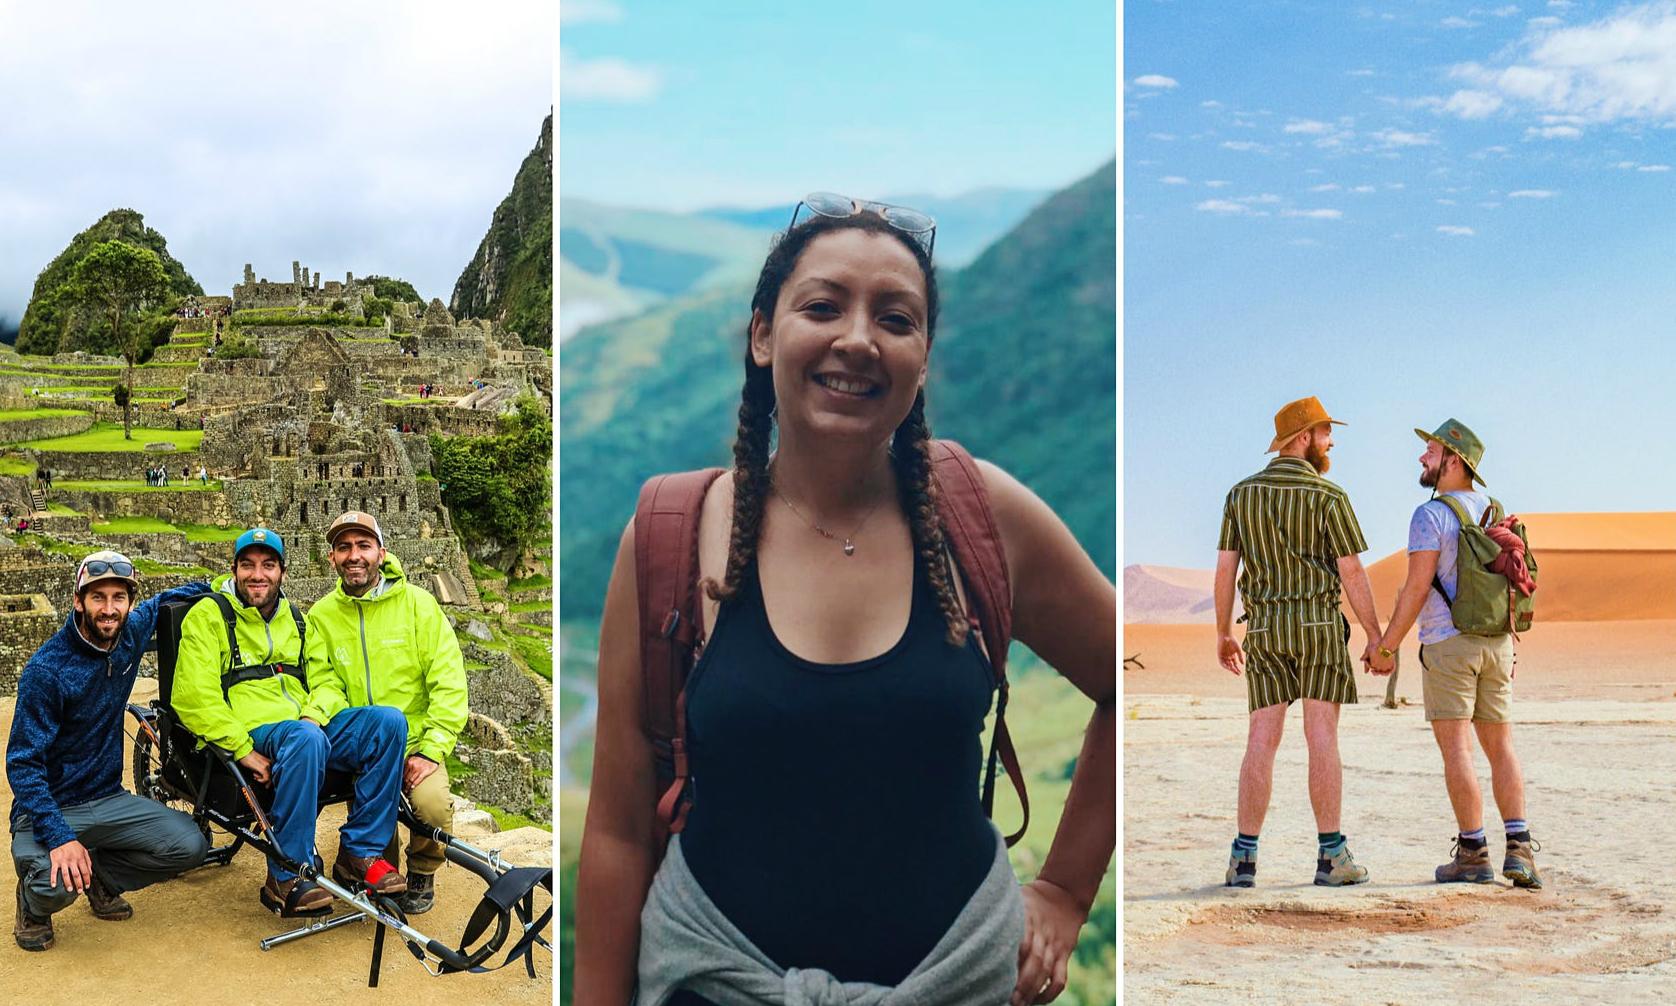 旅游品牌 Lonely Planet 公布「 Best in Travel 2021 」榜单